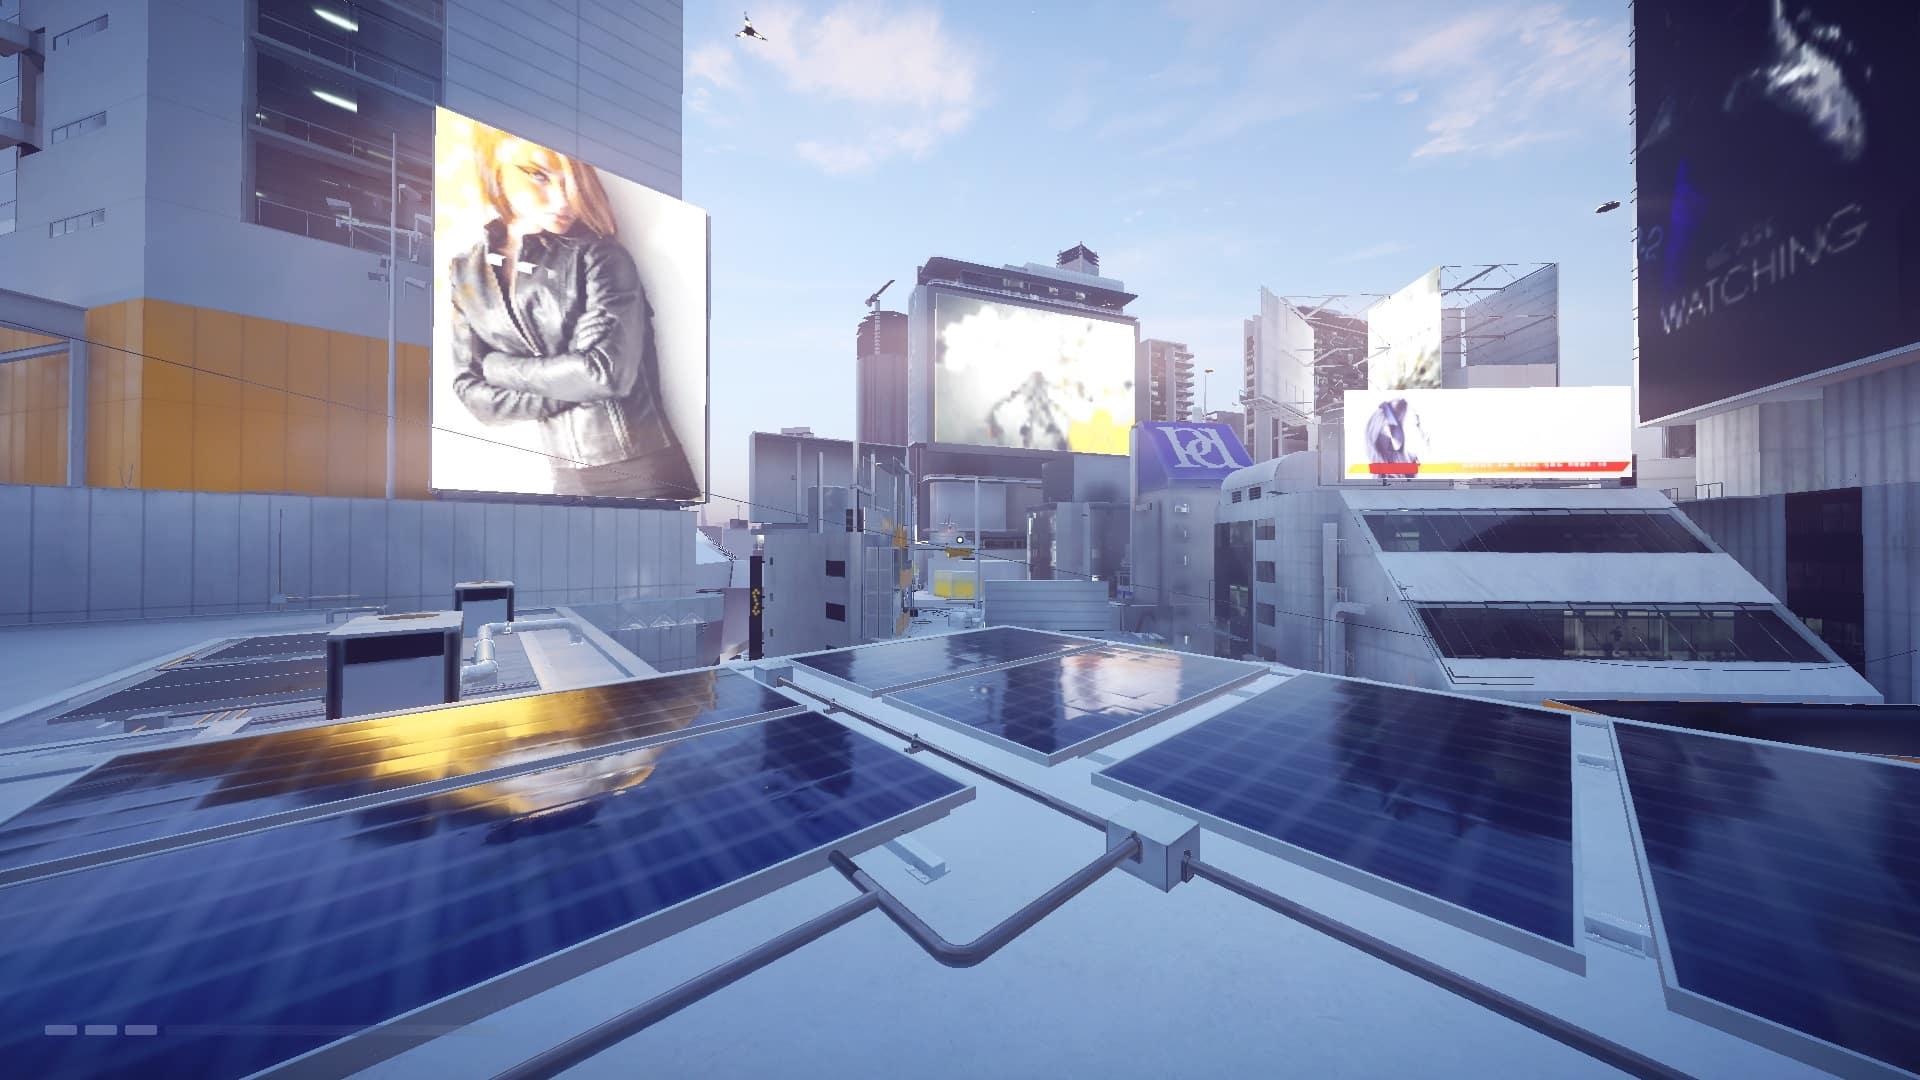 pc gaming.it mirrorsedgecatalyst quanlita l 3 - Mirror's Edge Catalyst - Recensione